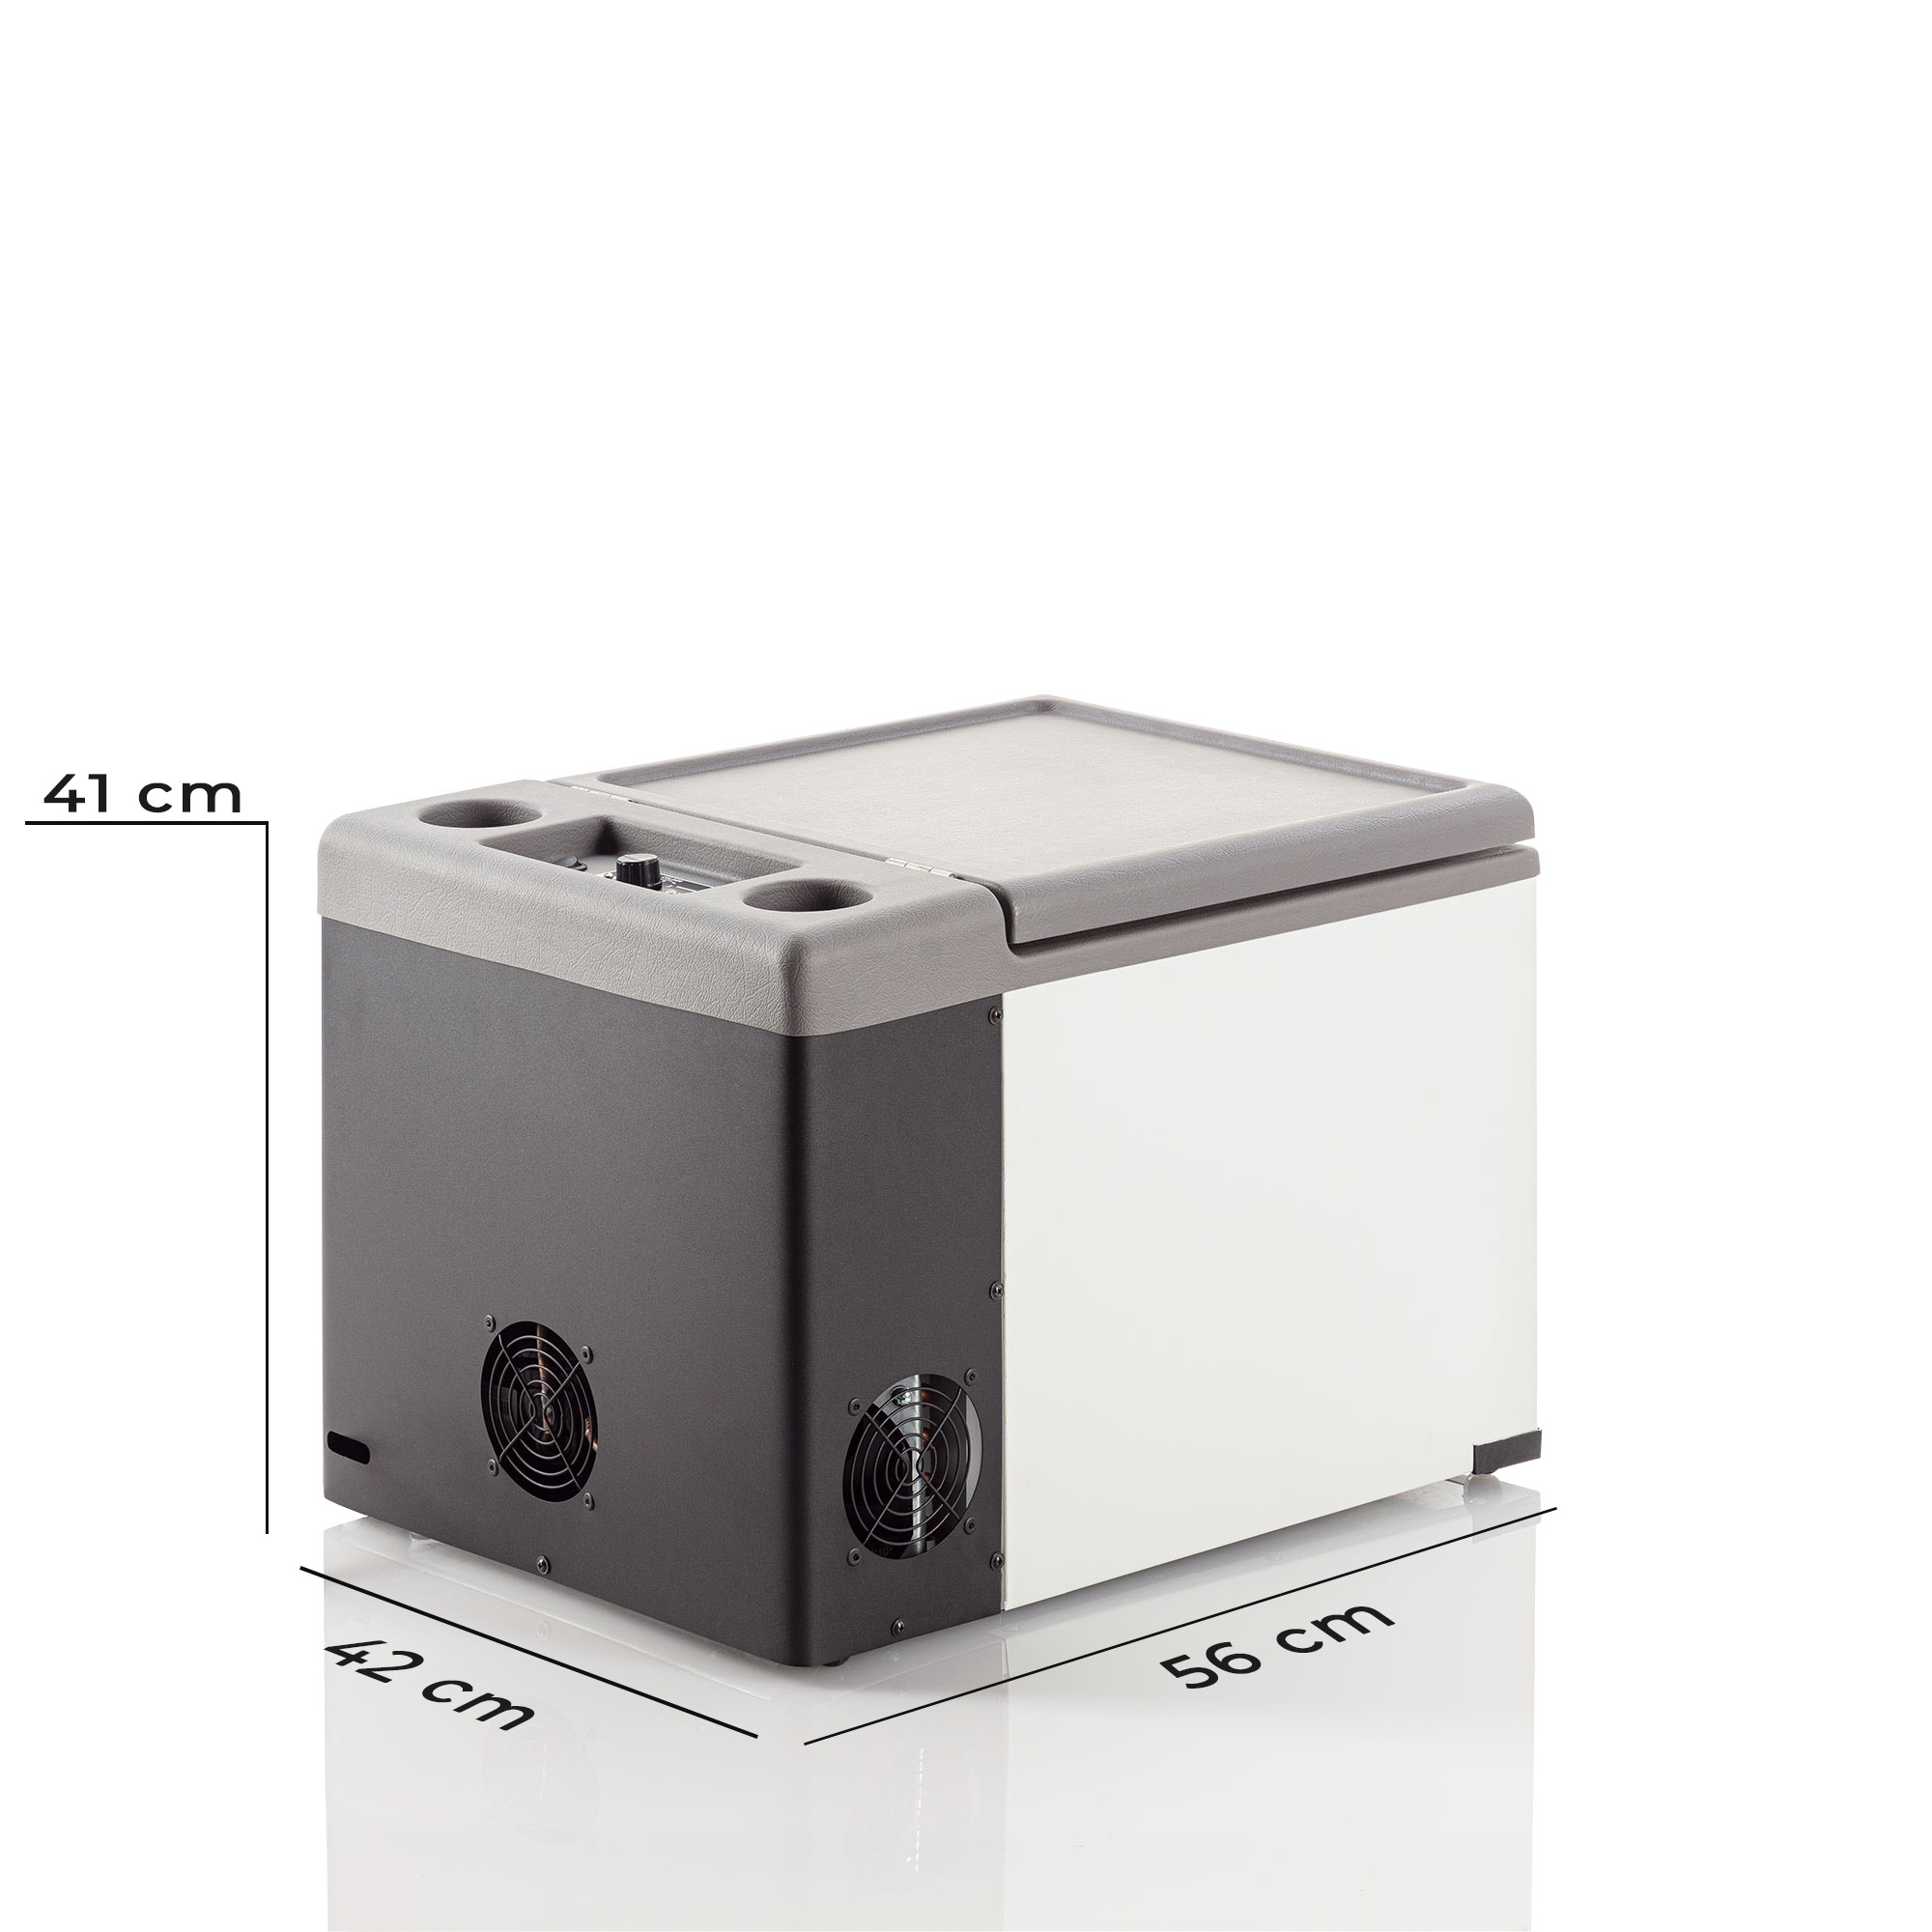 MEC 4240 / 31 LT Soğutucu Araç Buzdolabı